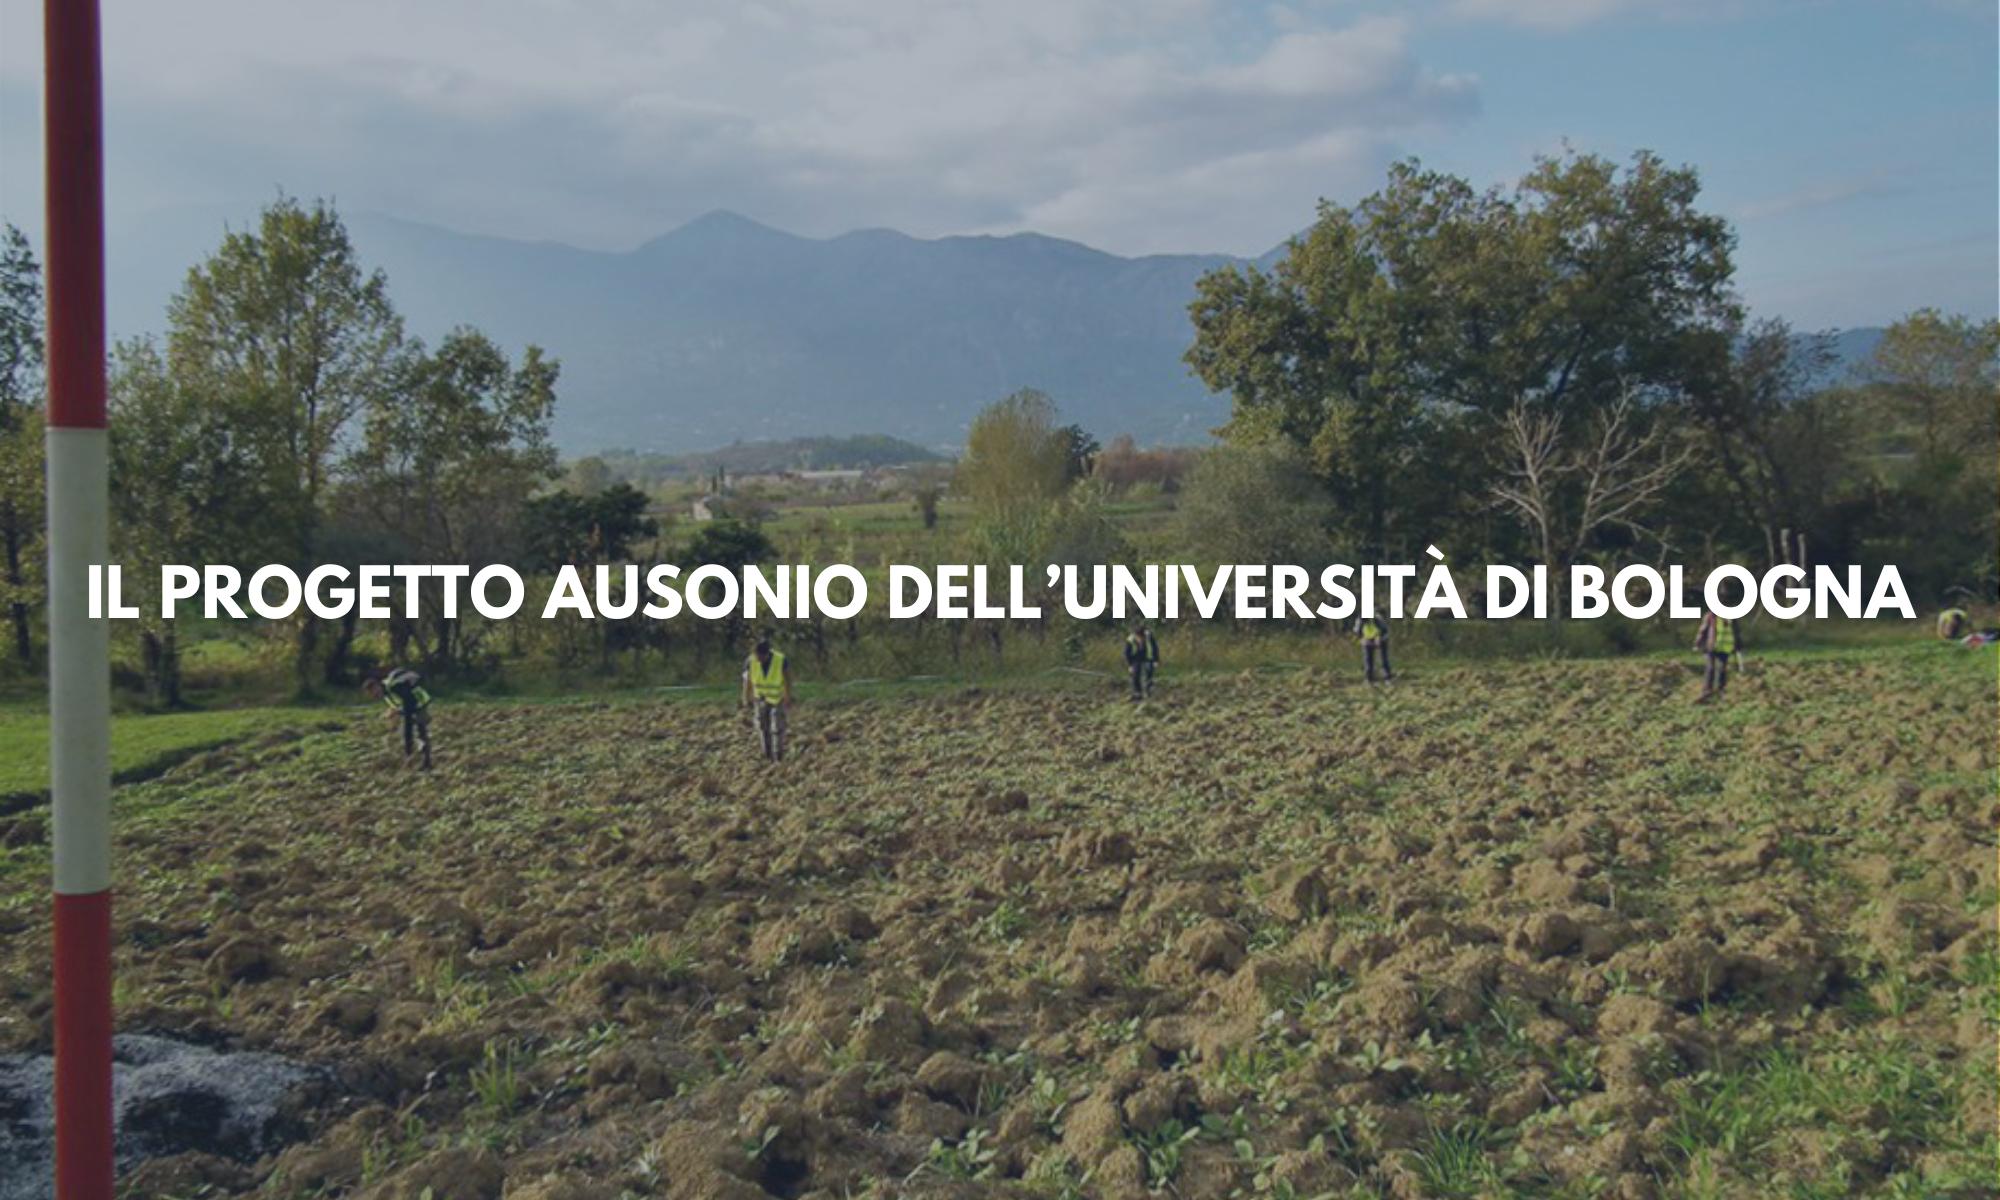 Il Progetto Ausonio dell'Università di Bologna